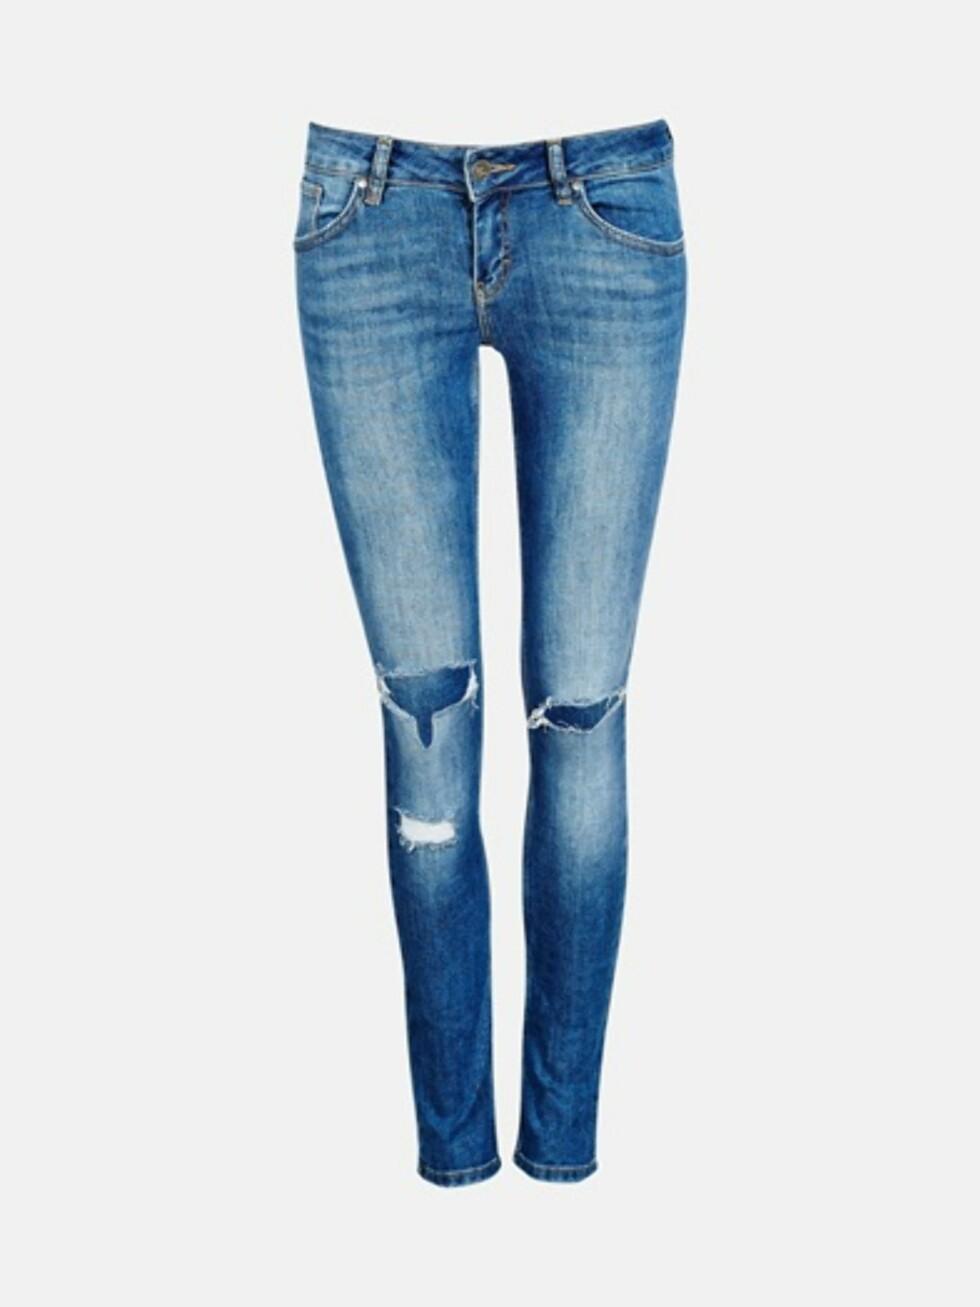 Jeans fra Bik Bok, kr 599. Foto: Produsenten